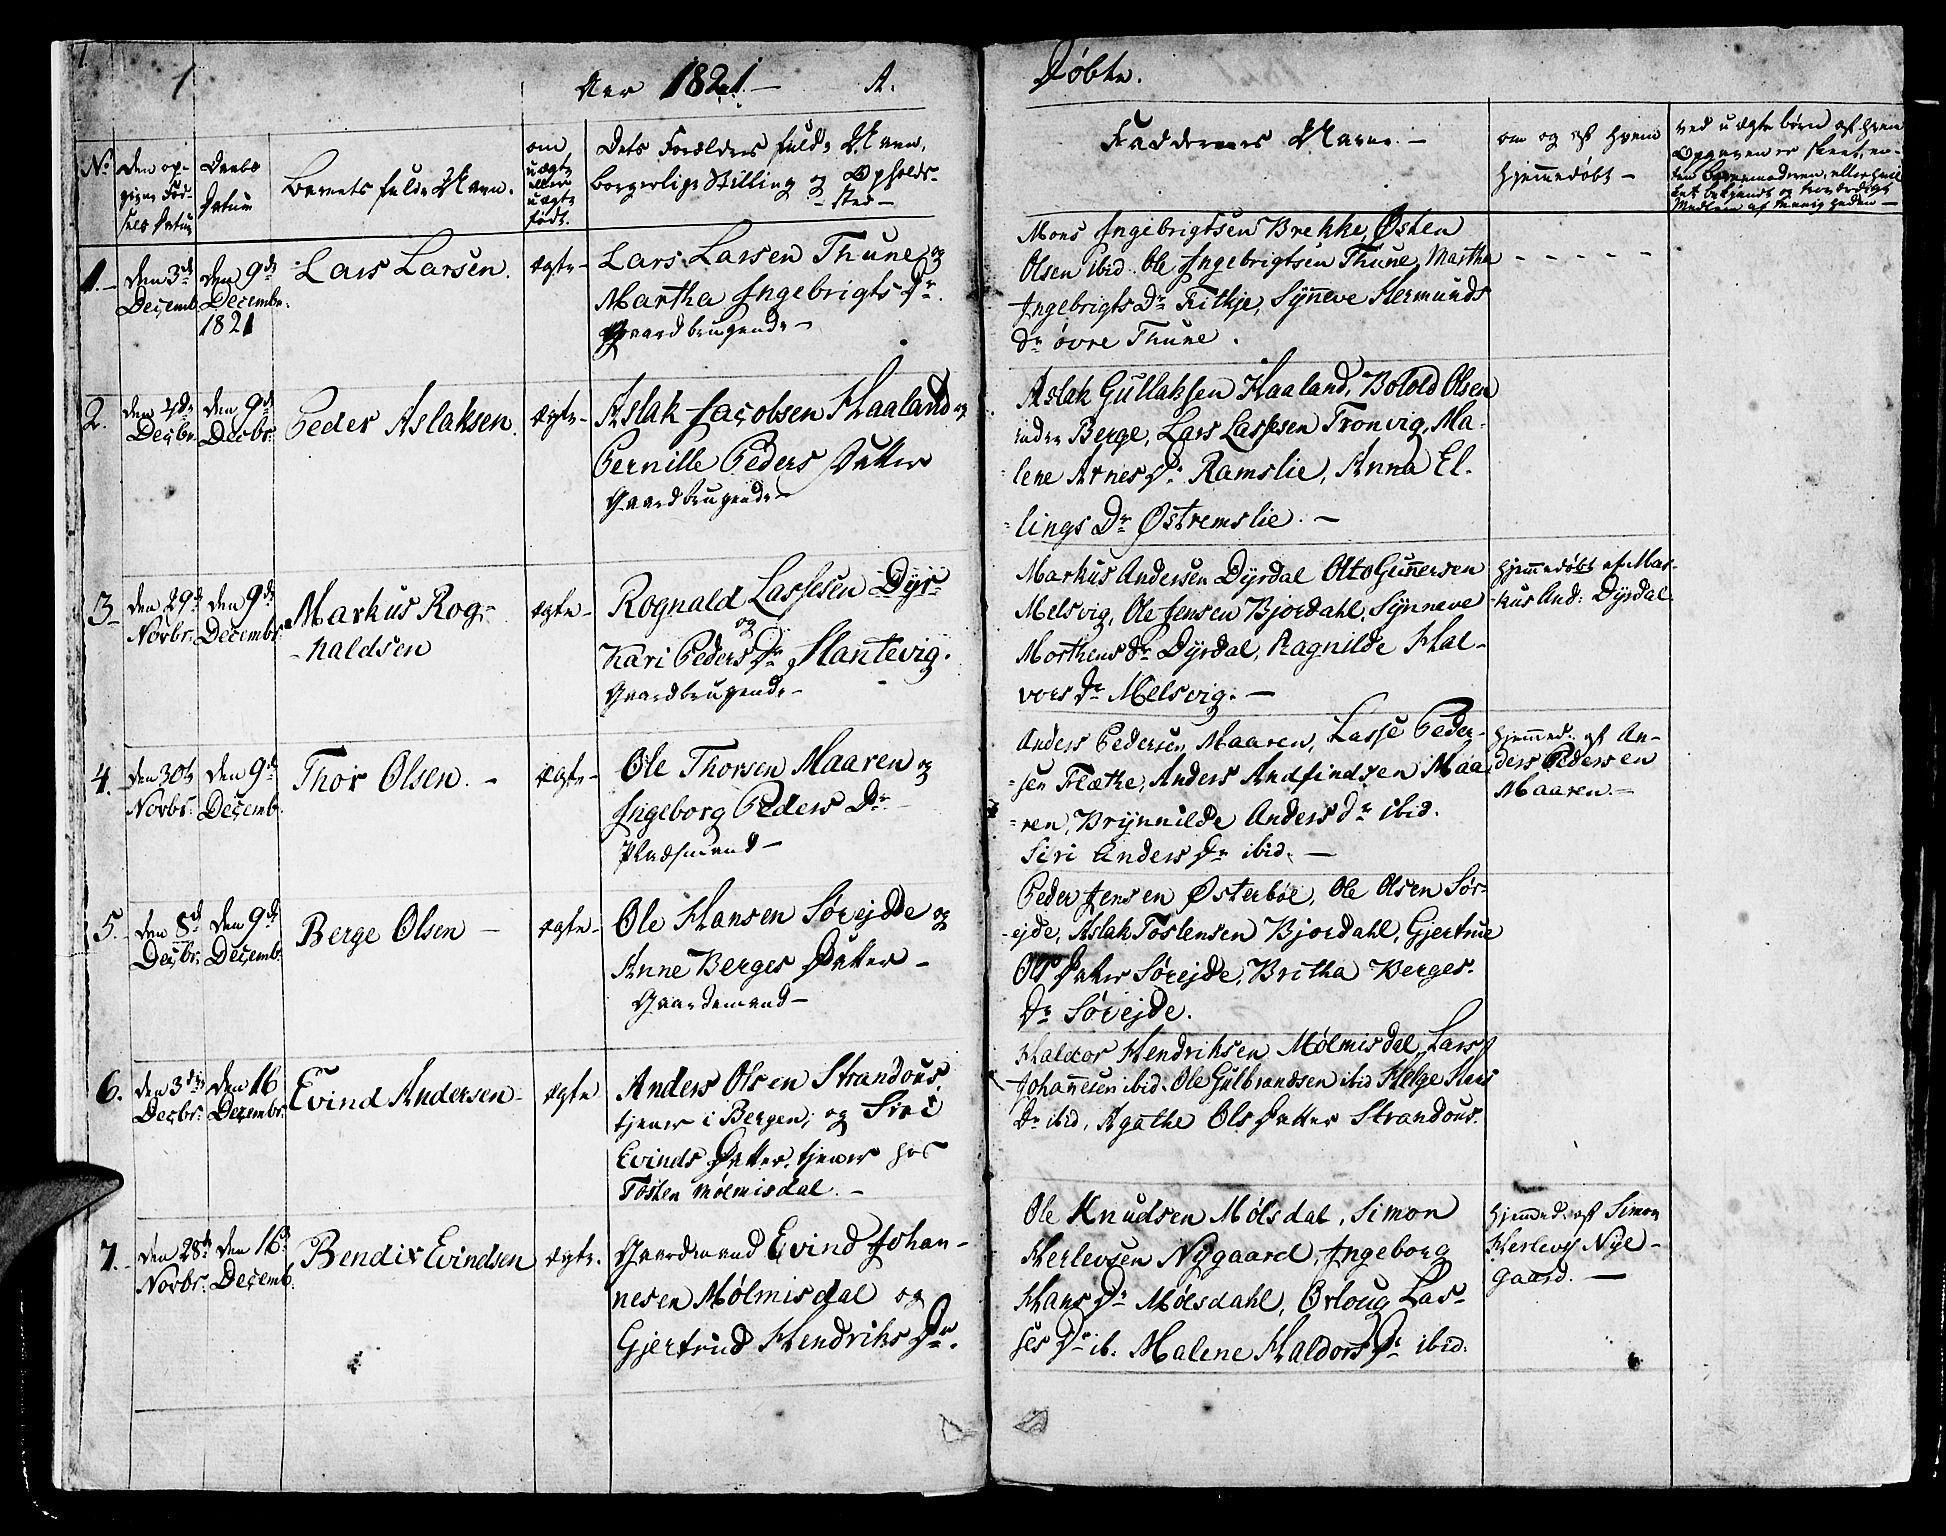 SAB, Lavik sokneprestembete, Ministerialbok nr. A 2I, 1821-1842, s. 1